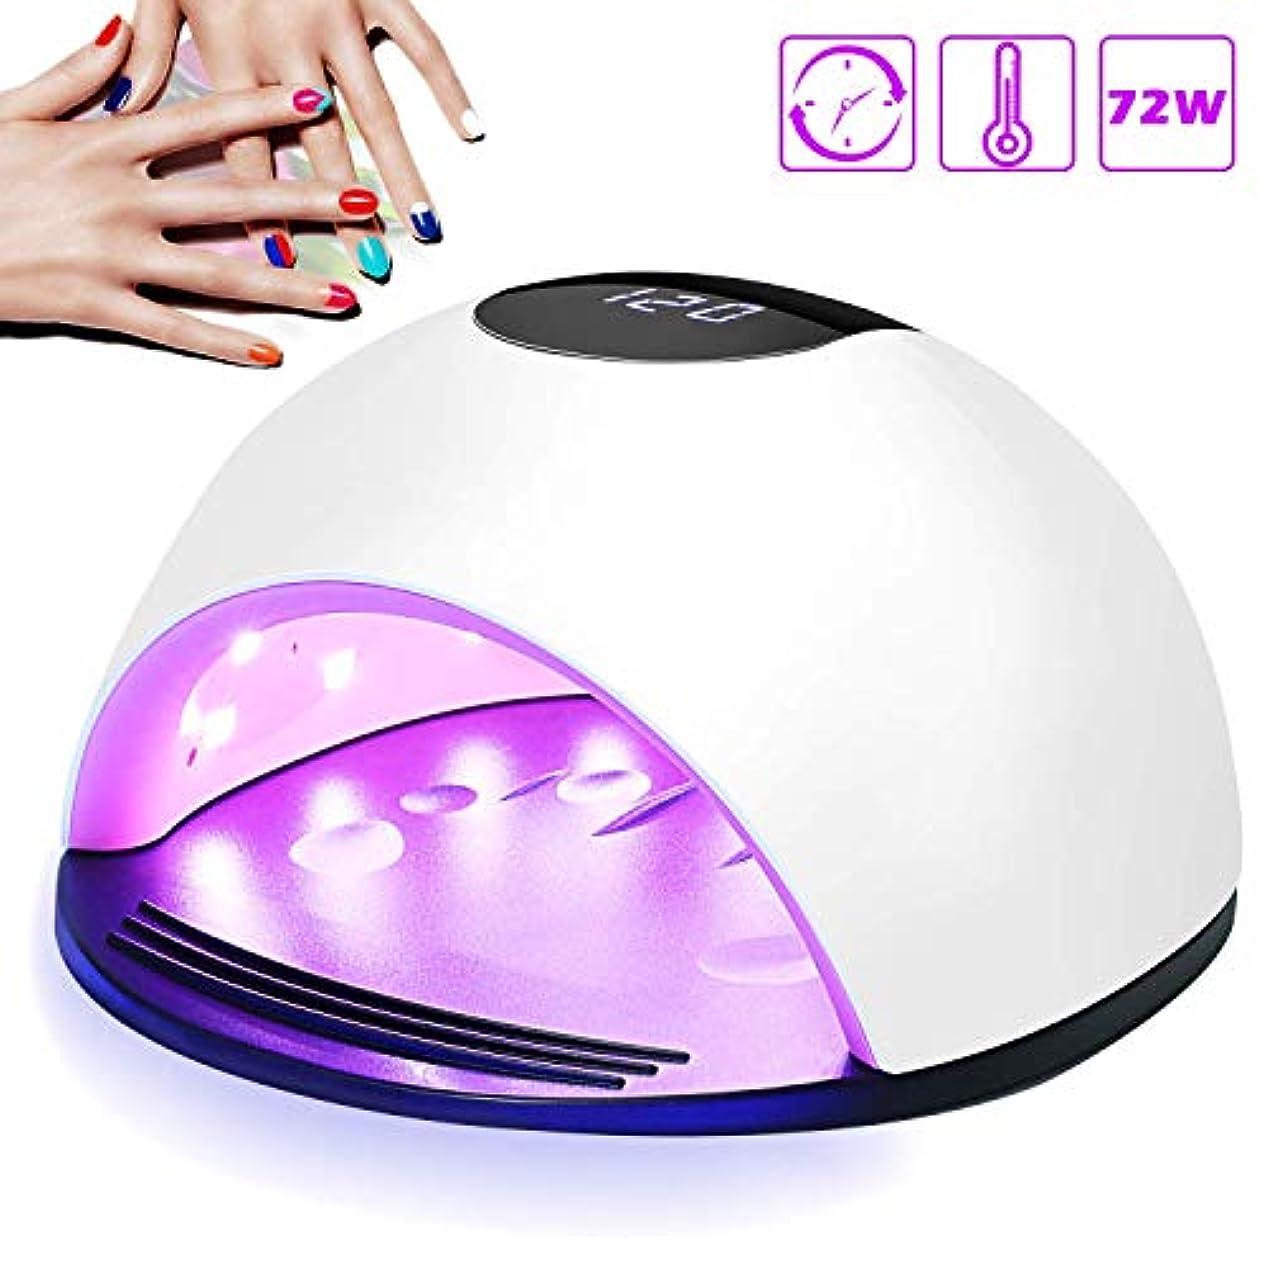 アライアンス残酷水星UV LEDネイルライト、自動センサー付きマニキュアおよびペディキュア用72Wプロフェッショナルネイルクリッパー、ジェルネイルポリッシュランプ用LCDディスプレイネイルライト